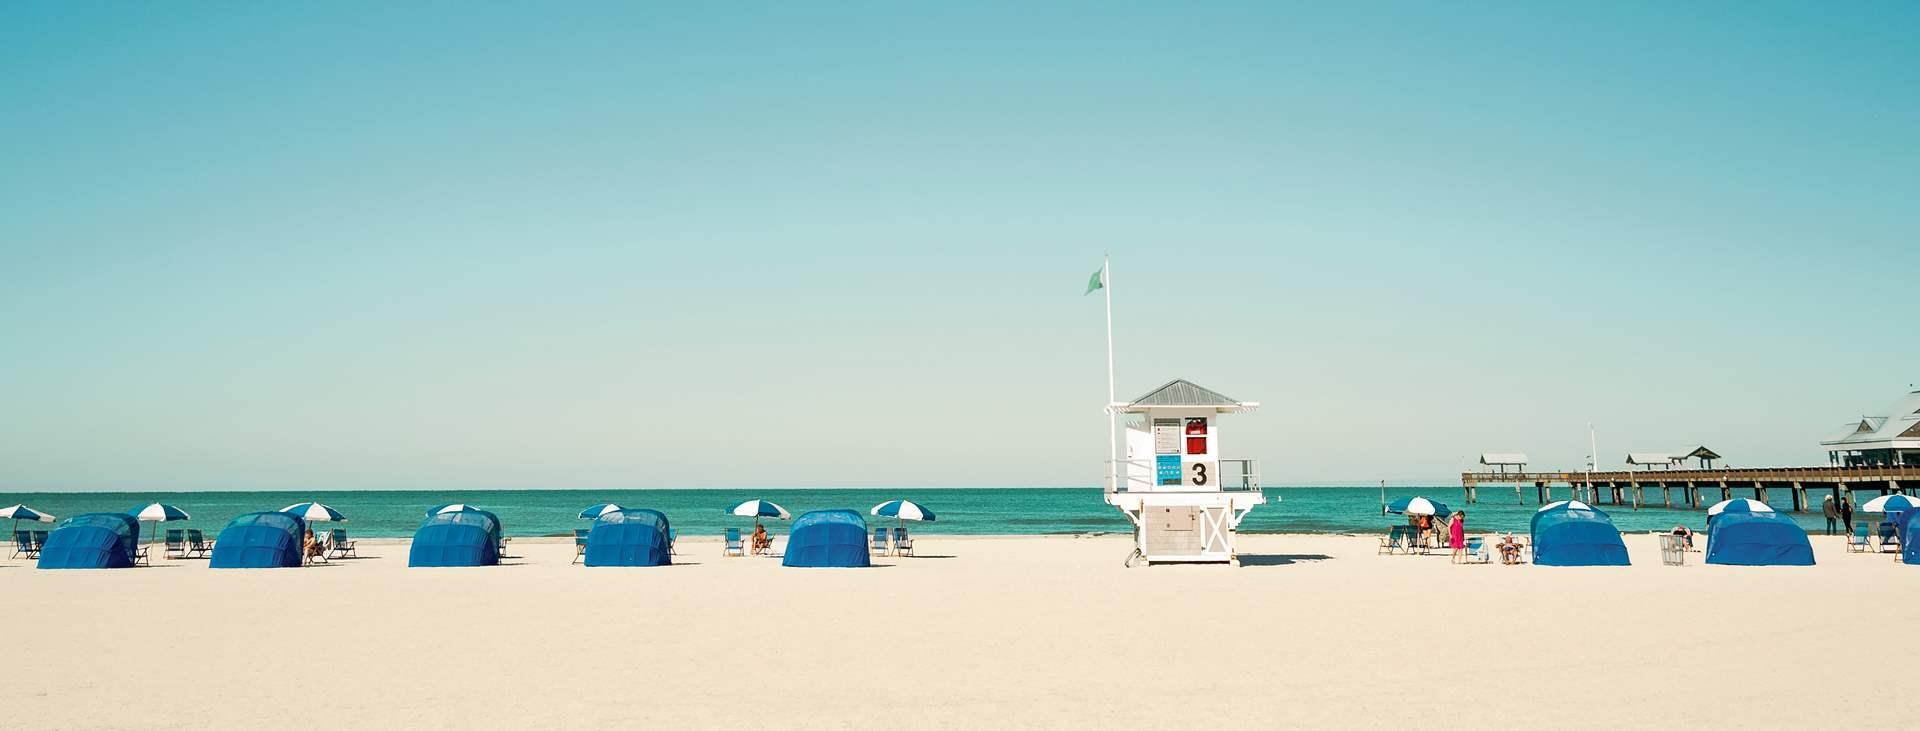 Boka en resa till Clearwater Beach i Florida - upplev USA med Ving